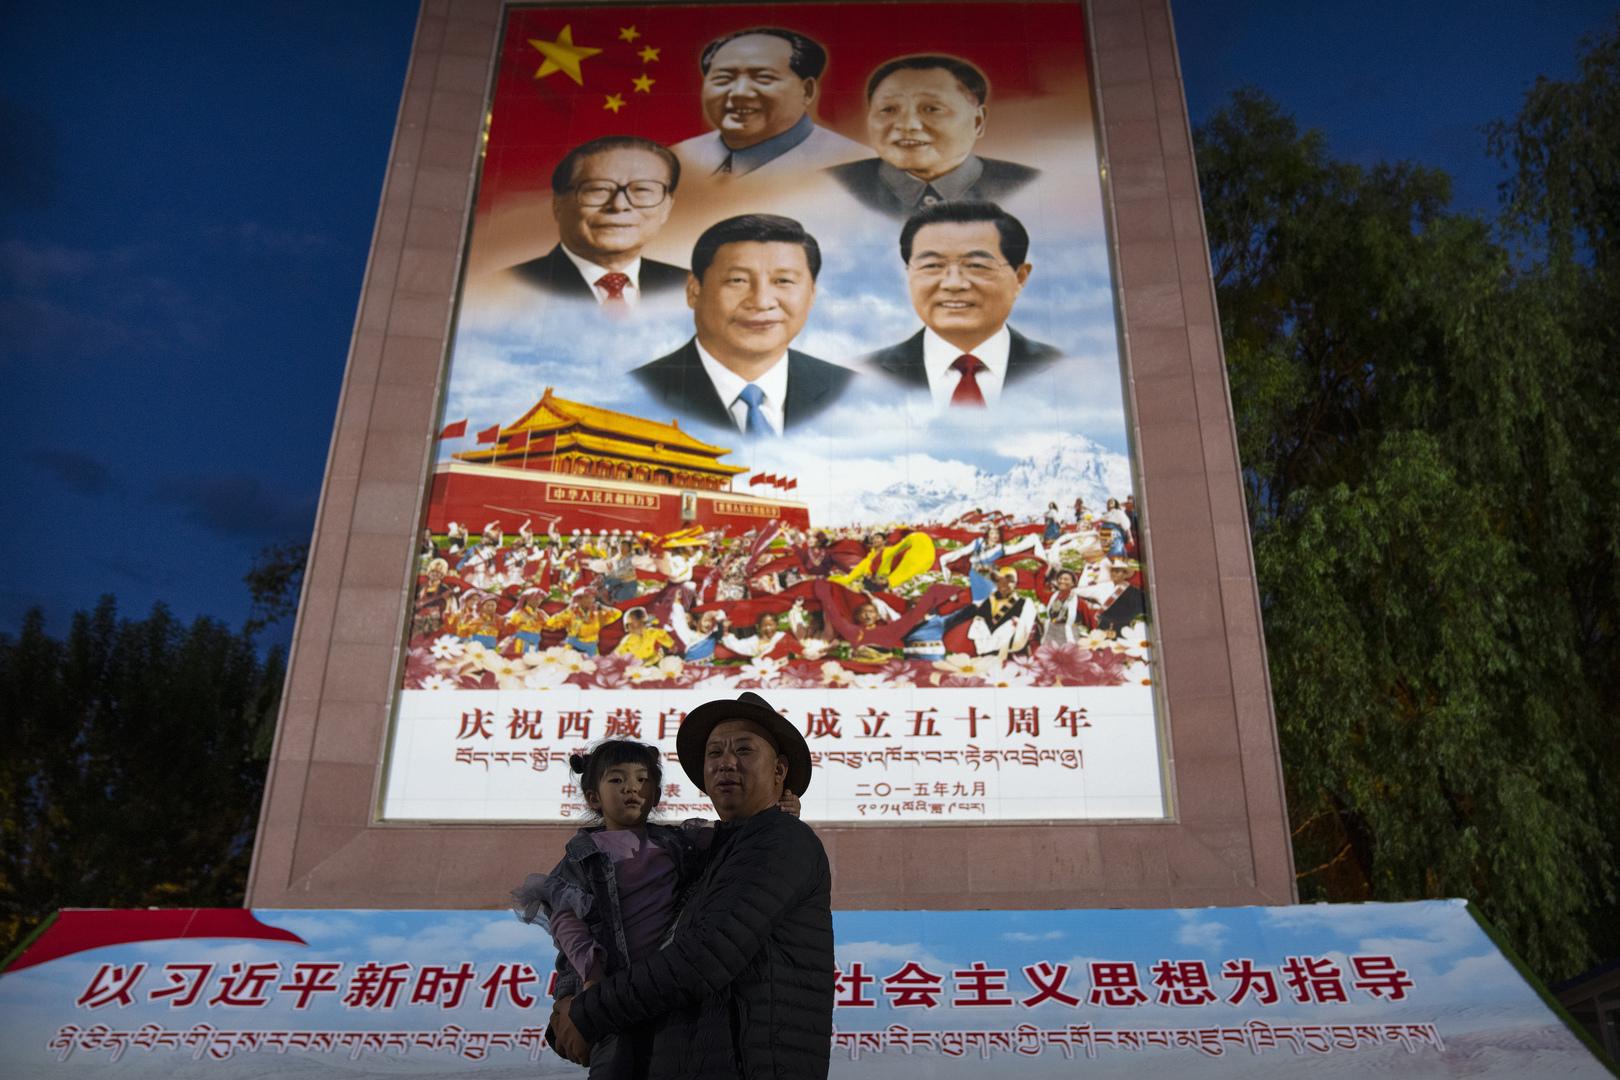 الرئيس الصيني يزور التبت وسط تزايد القيود على الدين